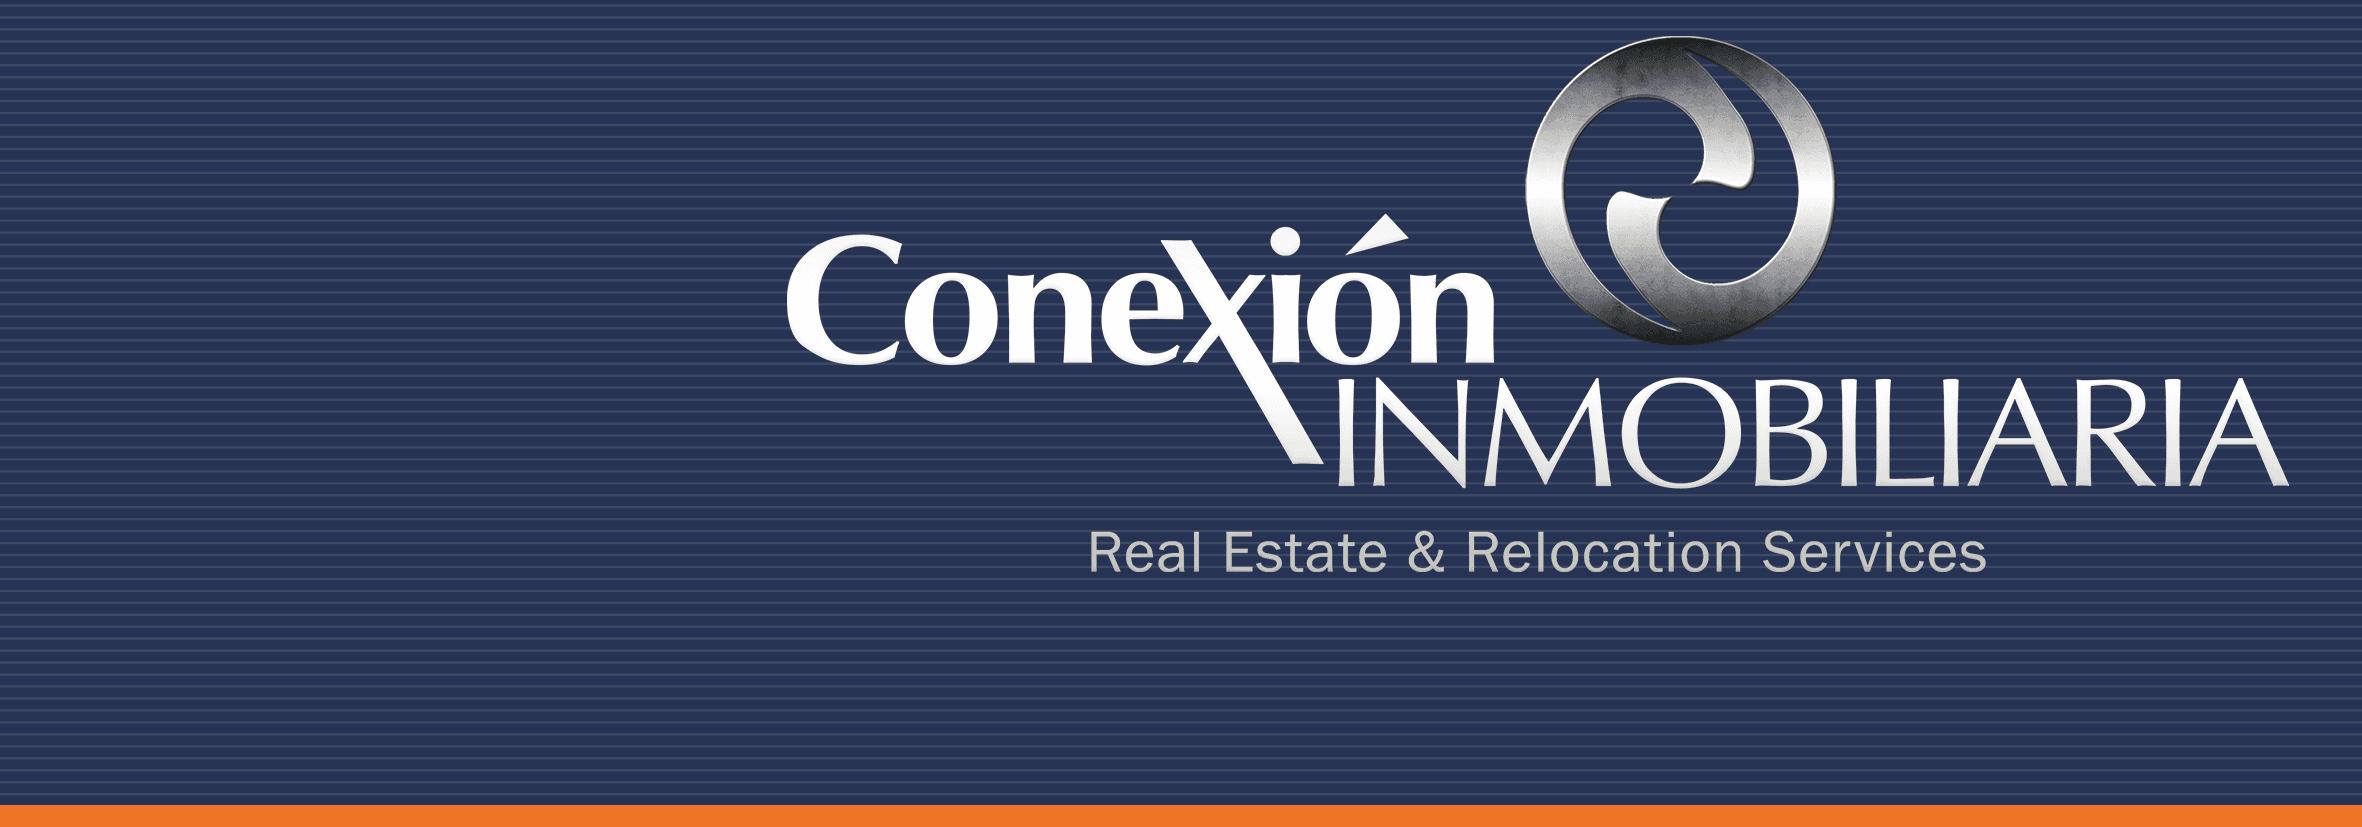 Logo de  Conexininmobiliaria